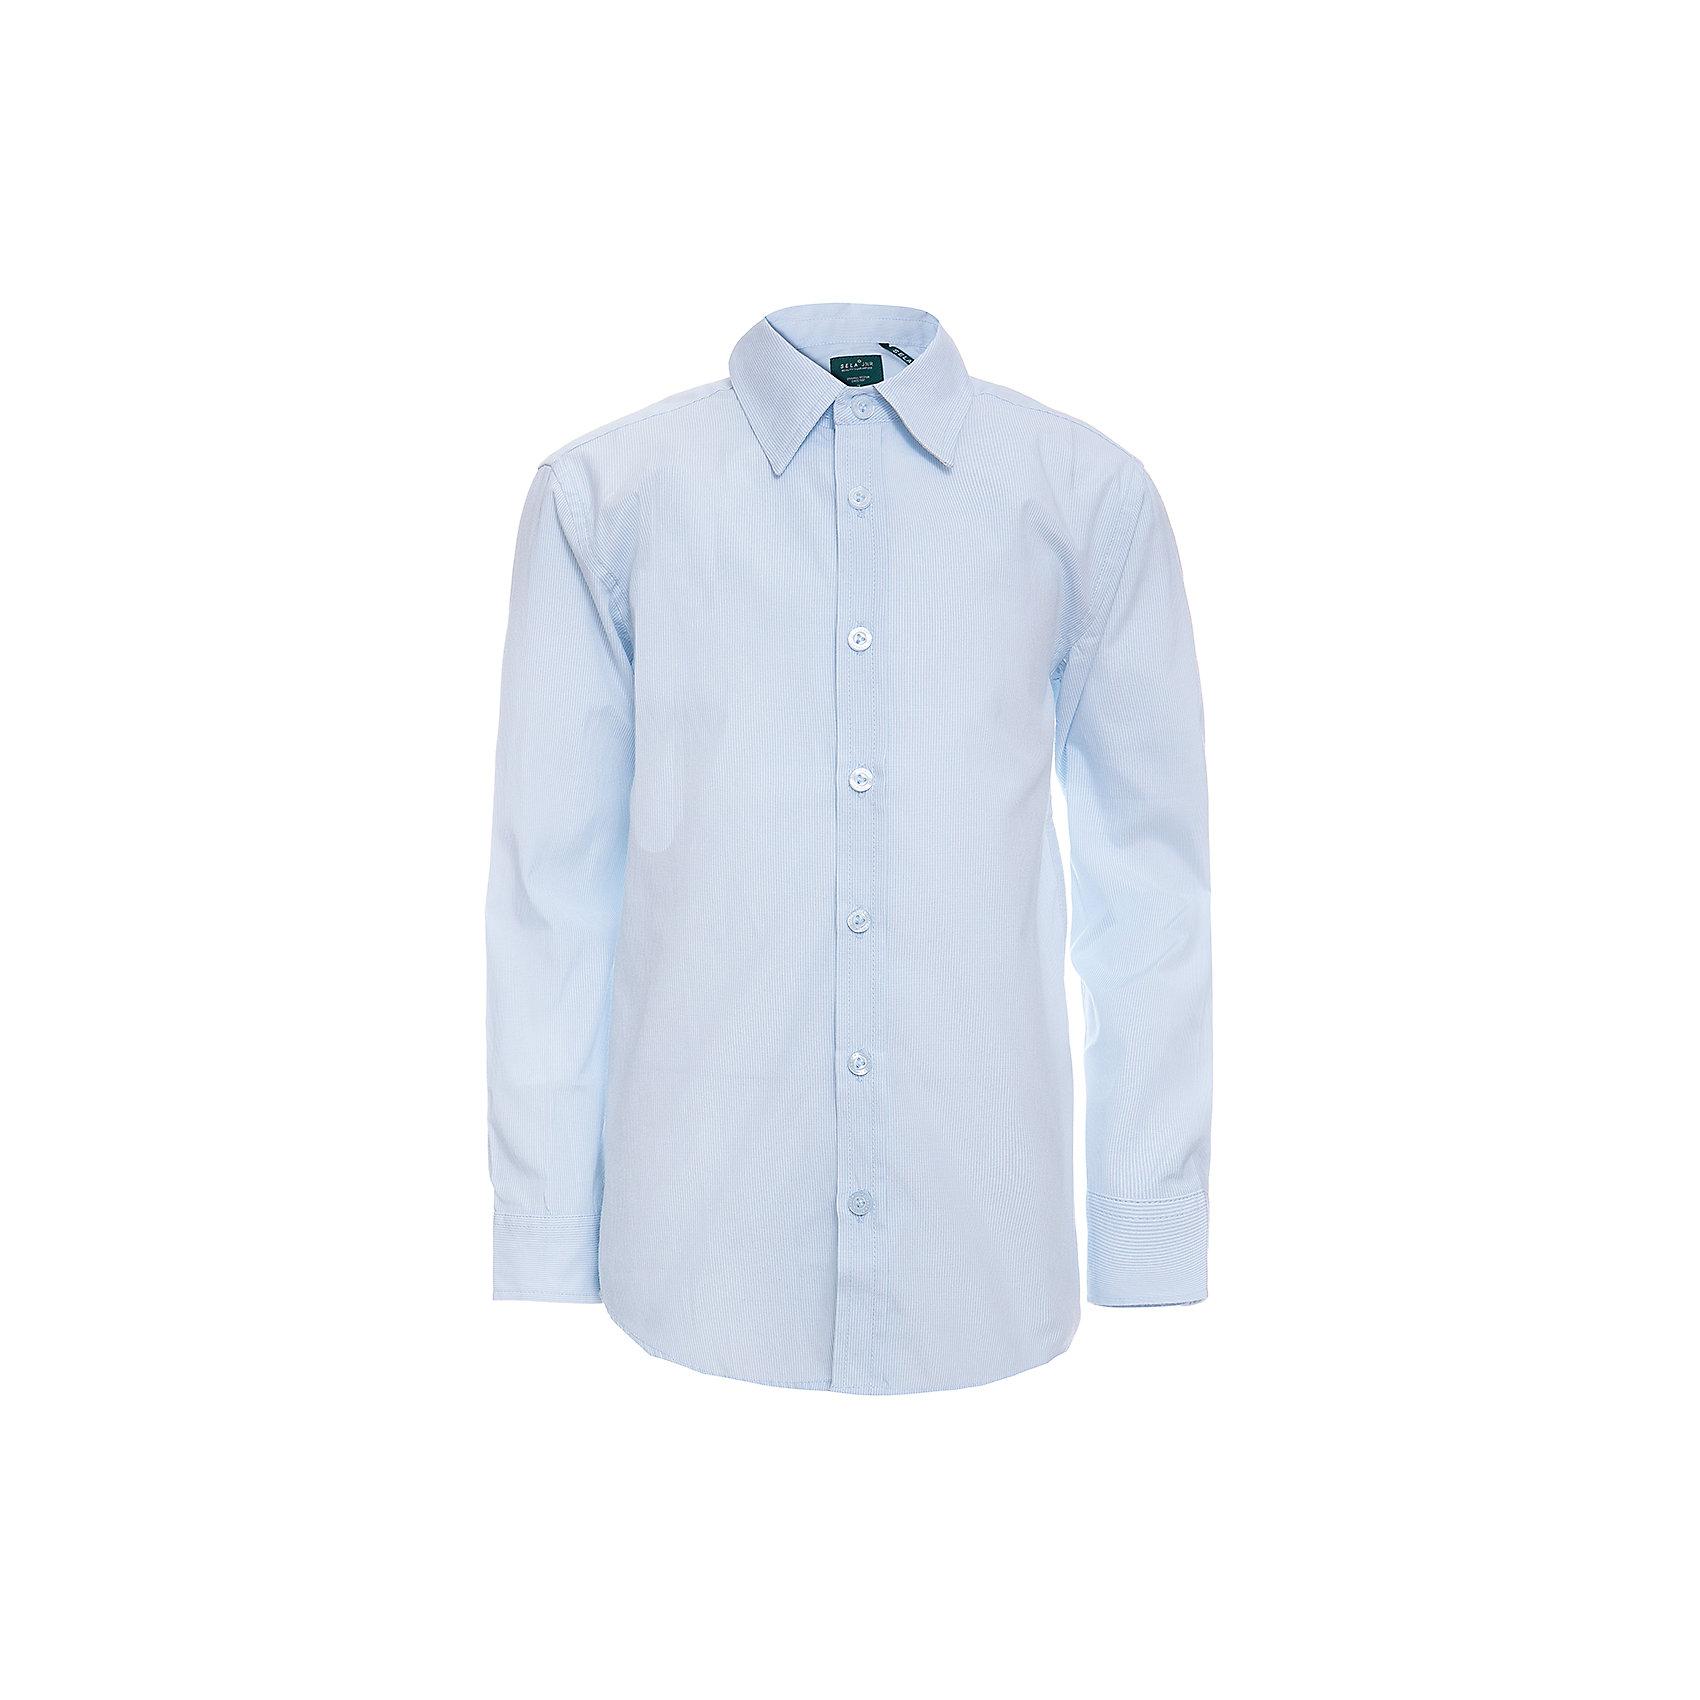 Рубашка SELA для мальчикаБлузки и рубашки<br>Характеристики товара:<br><br>• цвет: голубой;<br>• состав: 60% хлопок, 40% полиэстер;<br>• сезон: круглый год;<br>• особенности: повседневная, школьная;<br>• застежка: пуговицы;<br>• манжеты на пуговицах;<br>• с длинным рукавом;<br>• страна бренда: Россия;<br>• страна изготовитель: Китай.<br><br>Школьная рубашка с длинным рукавом для мальчика. Рубашка выполнена в голубом цвете, застегивается на пуговицы. Манжеты с регулируемой шириной, застегиваются на две пуговицы.<br><br>Рубашку Sela (Села) для мальчика можно купить в нашем интернет-магазине.<br><br>Ширина мм: 174<br>Глубина мм: 10<br>Высота мм: 169<br>Вес г: 157<br>Цвет: голубой<br>Возраст от месяцев: 168<br>Возраст до месяцев: 180<br>Пол: Мужской<br>Возраст: Детский<br>Размер: 170,122,128,134,140,146,152,158,164<br>SKU: 7009788